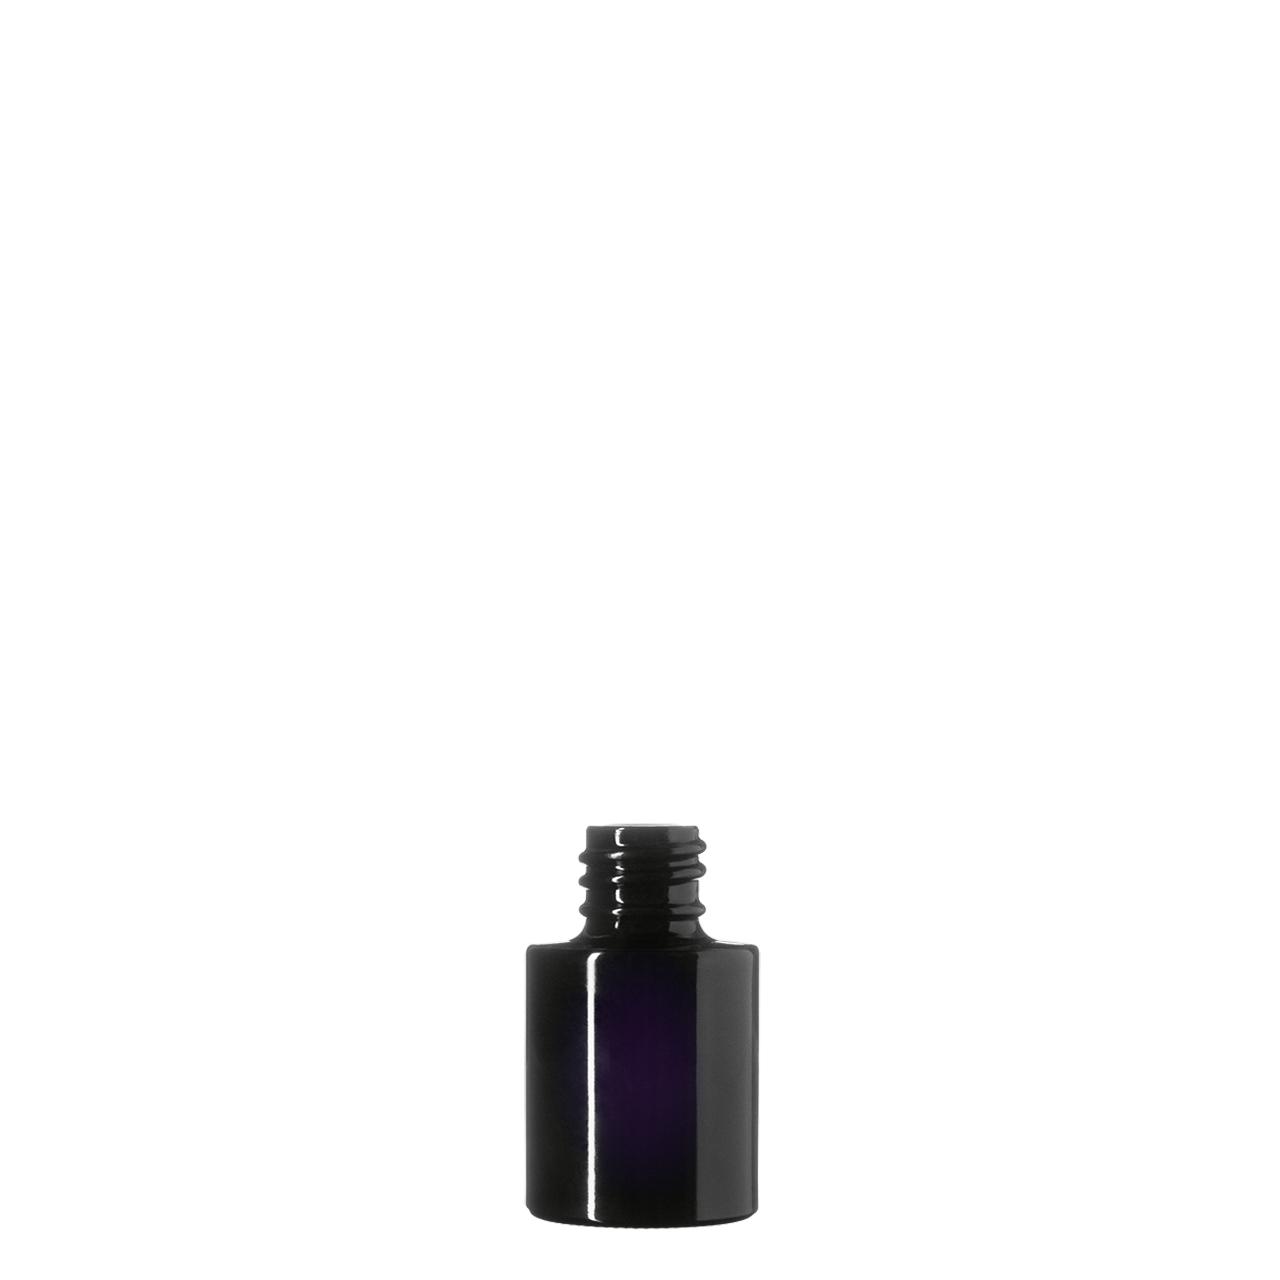 Kosmetikflaschen Virgo 15ml, 18/415 (CFL-15)